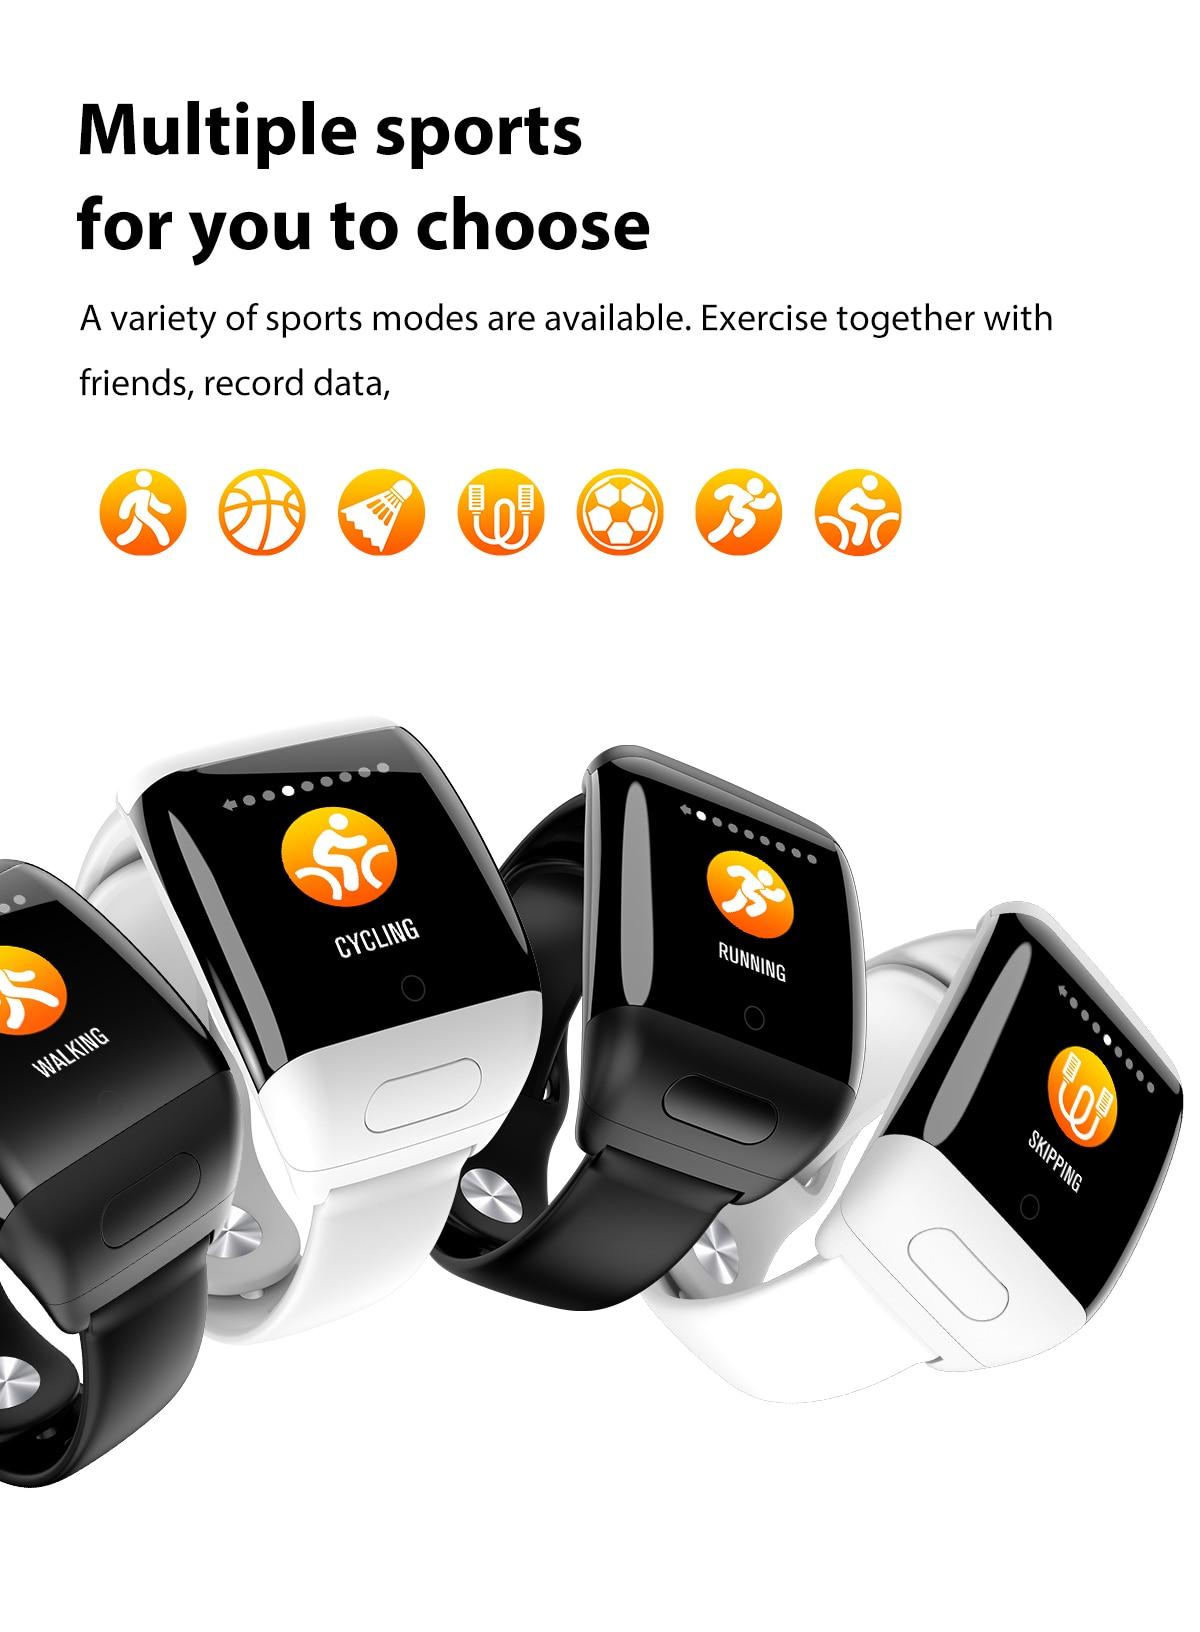 Спортивные умные часы Trackbuds D8, новые умные часы AI с Bluetooth наушниками, пульсометром, смарт браслет с длительным временем работы в режиме ожида